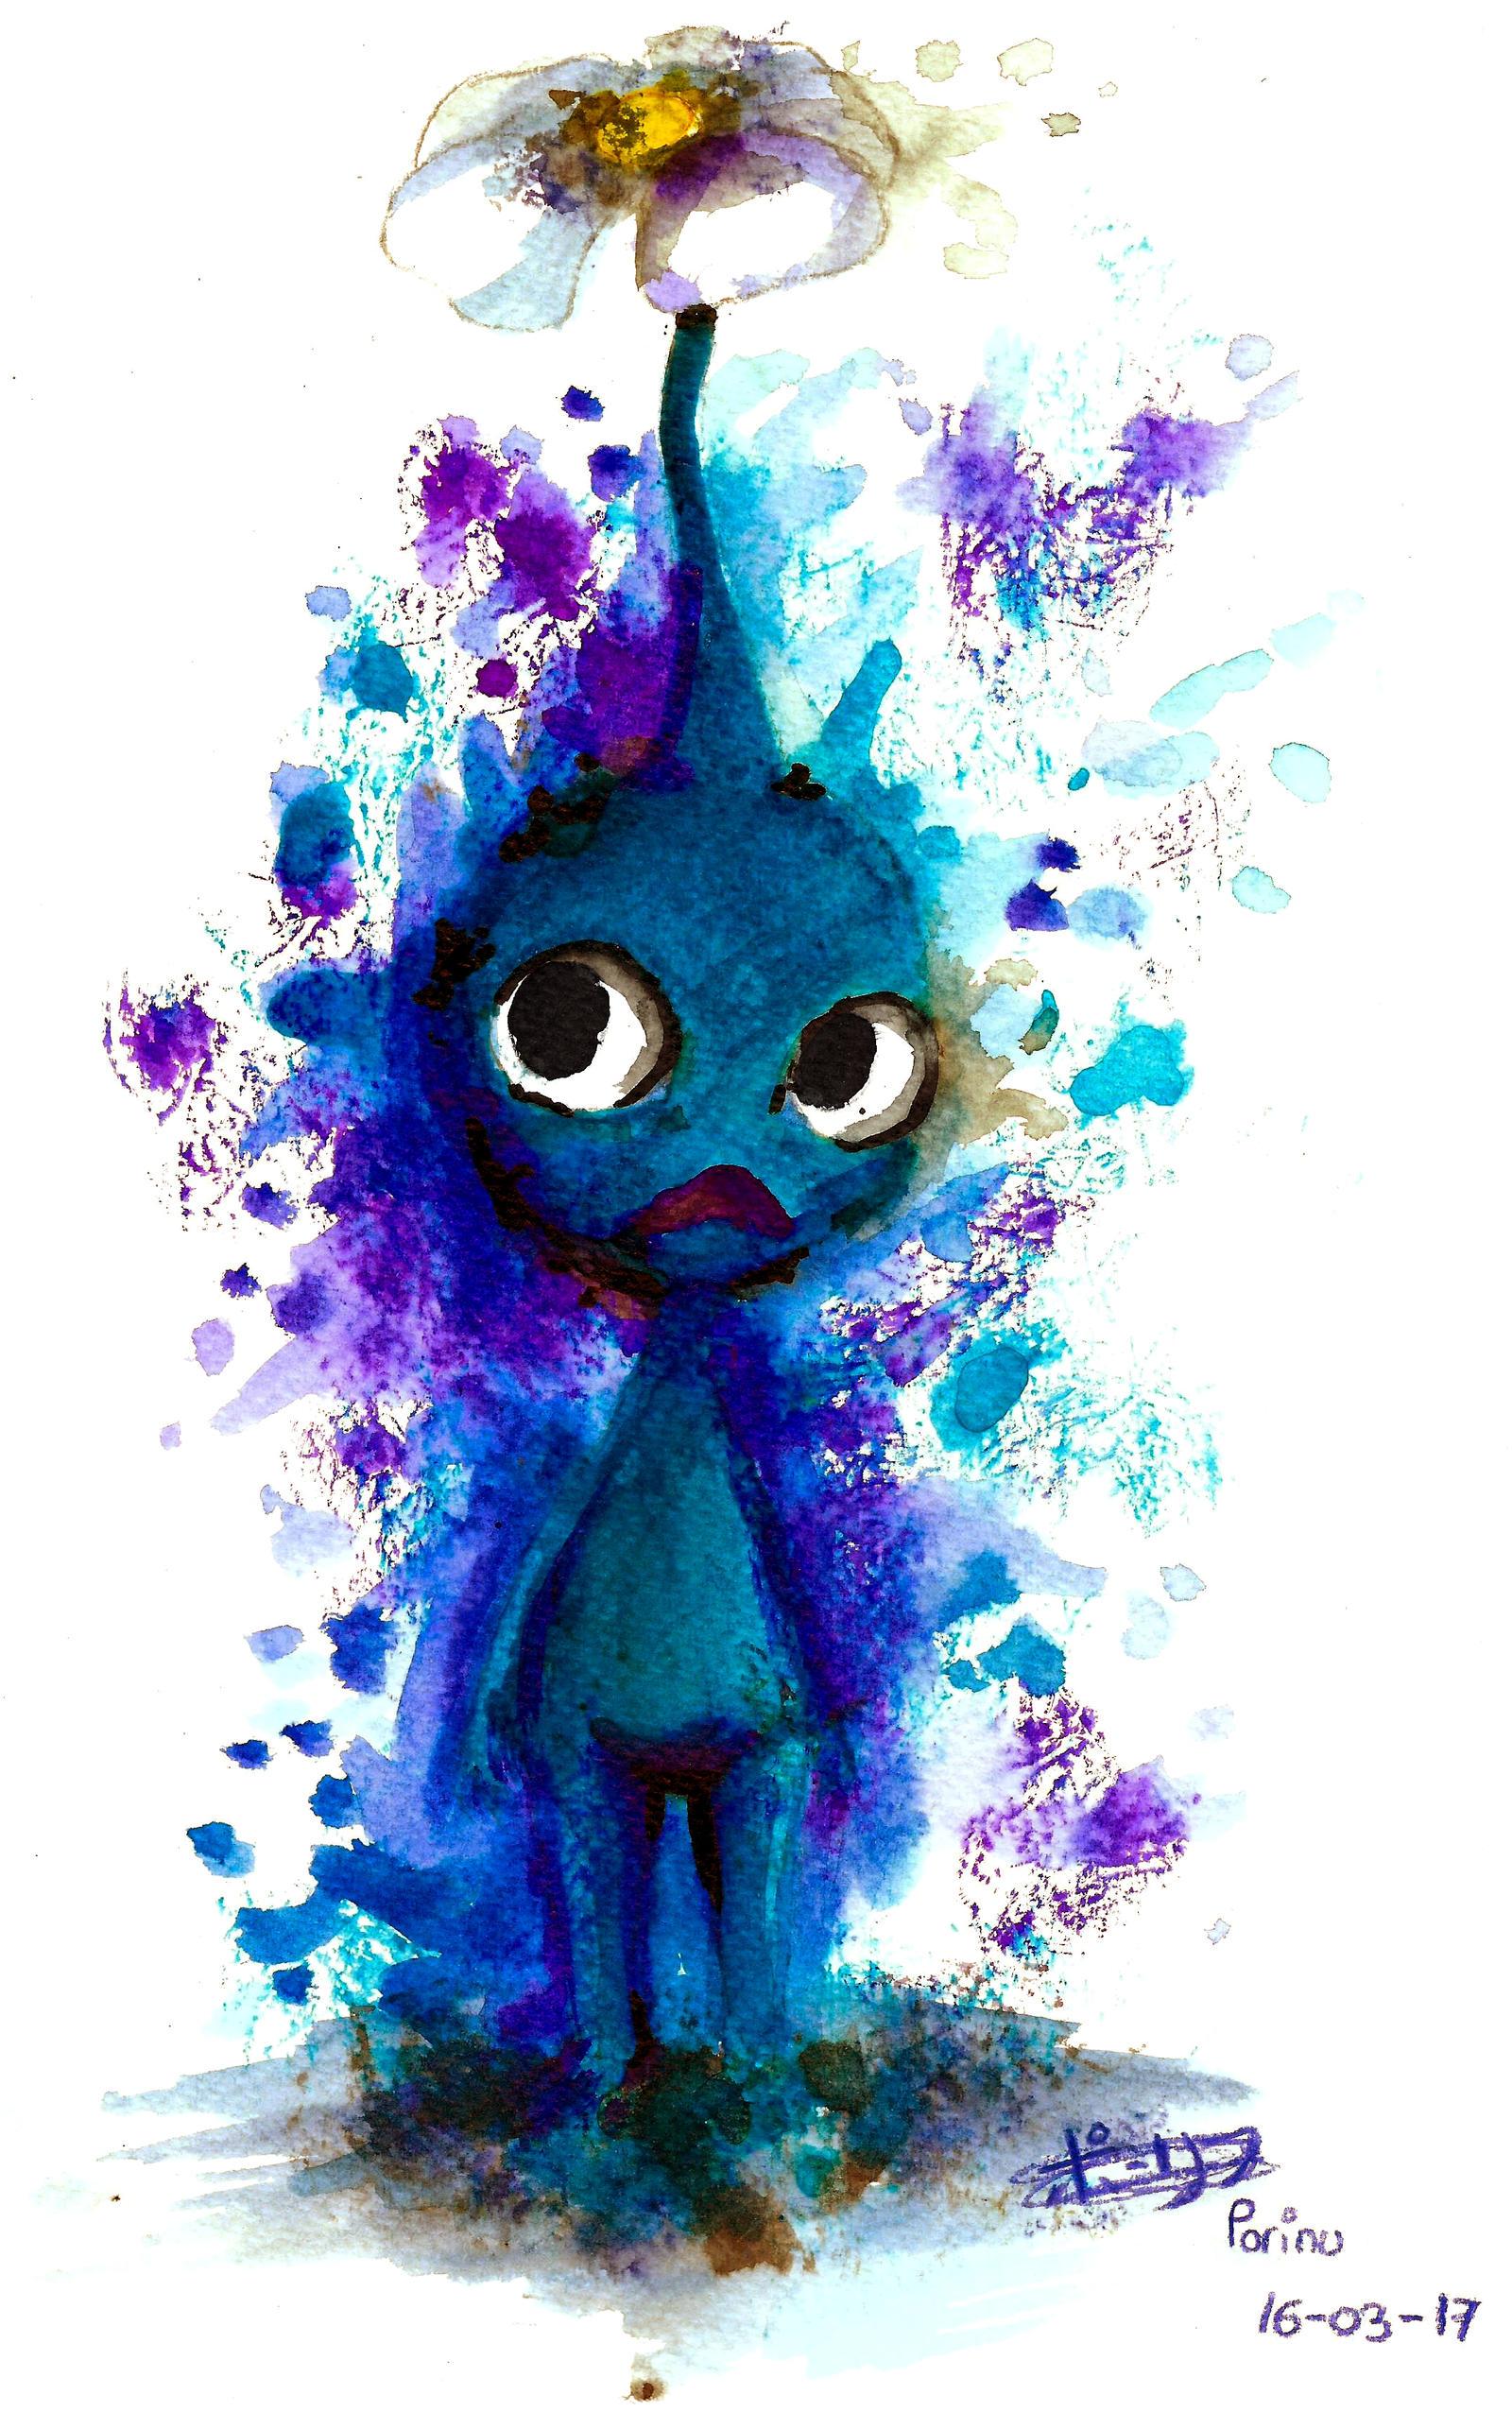 Inky Blue Pikmin